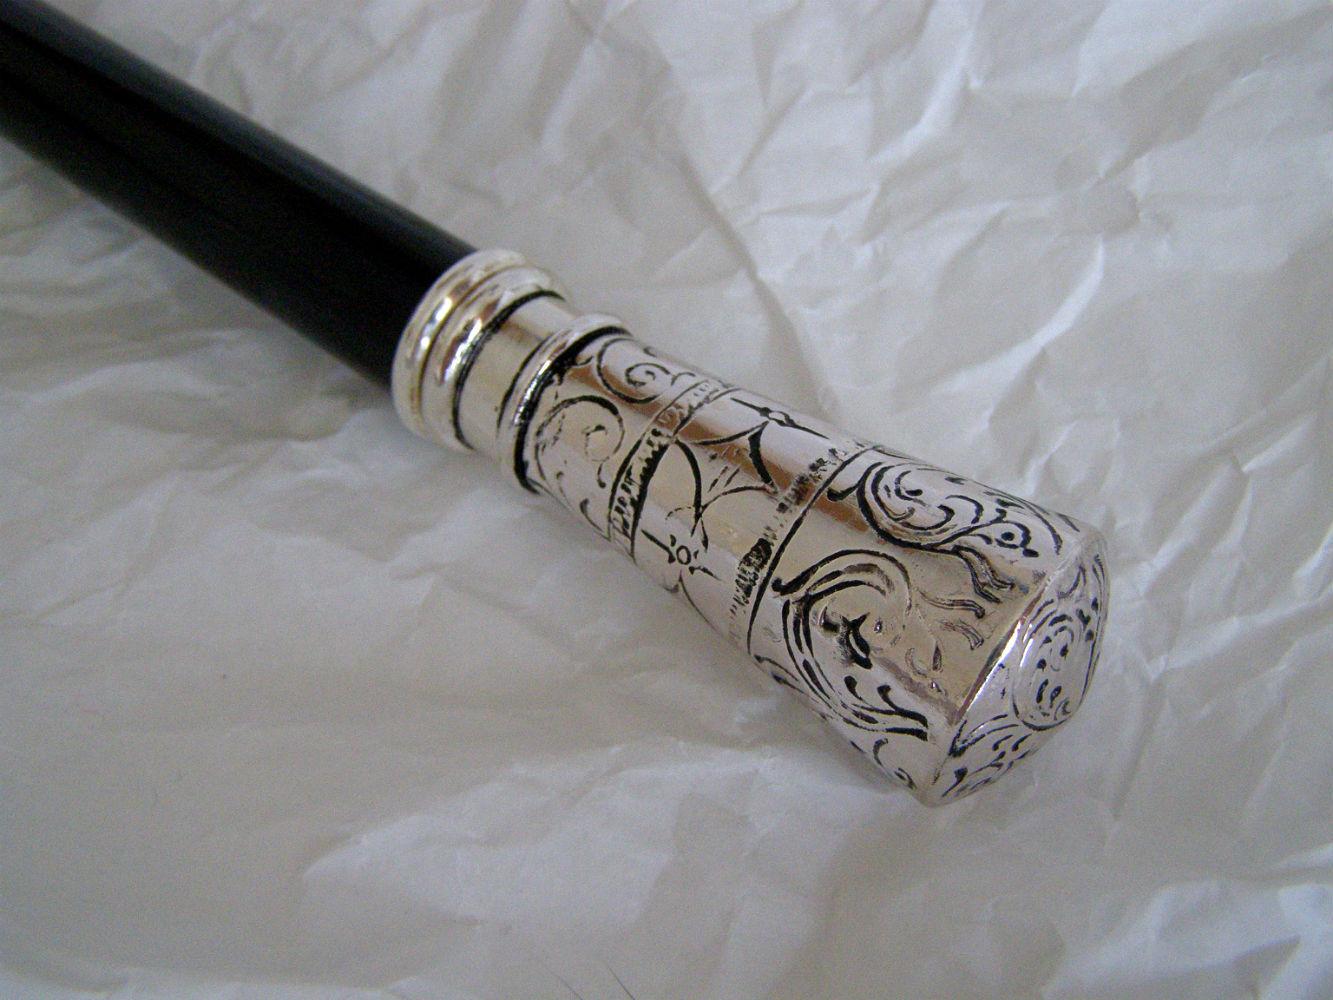 Pasotti мужской зонт-трость с серебряной ручкой, дизайн с элементами морской тематики